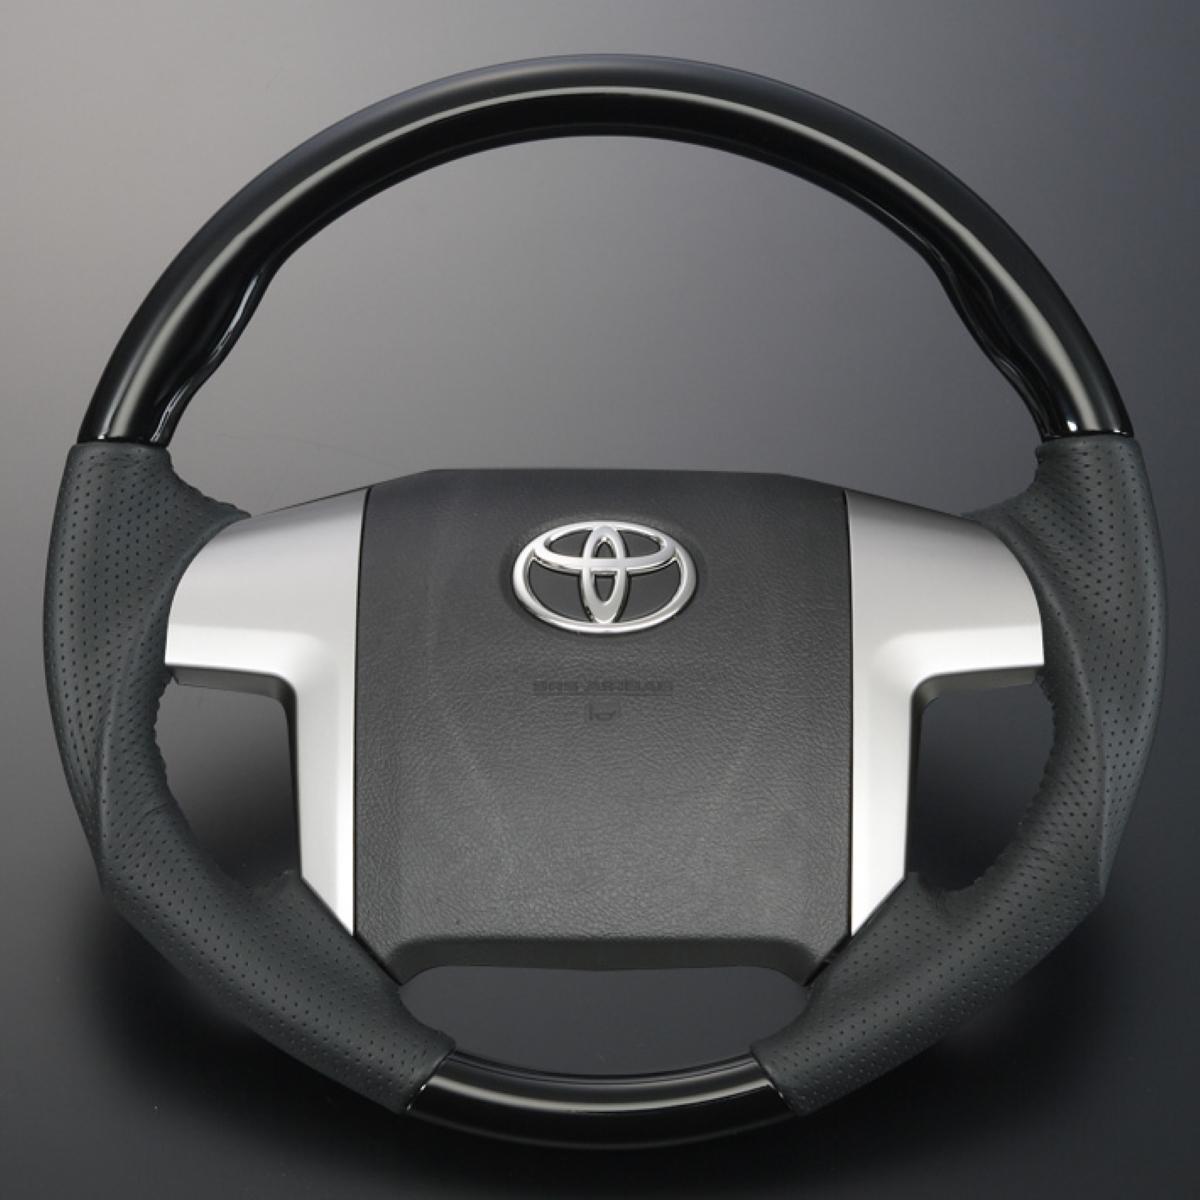 【車内を一味カスタマイズ】コックピットを一新 FLEDERMAUS フレーダーマウス ステアリングシフトノブ セット(カーインテリア)トヨタ  ZRR70系 ノア、ヴォクシー 用